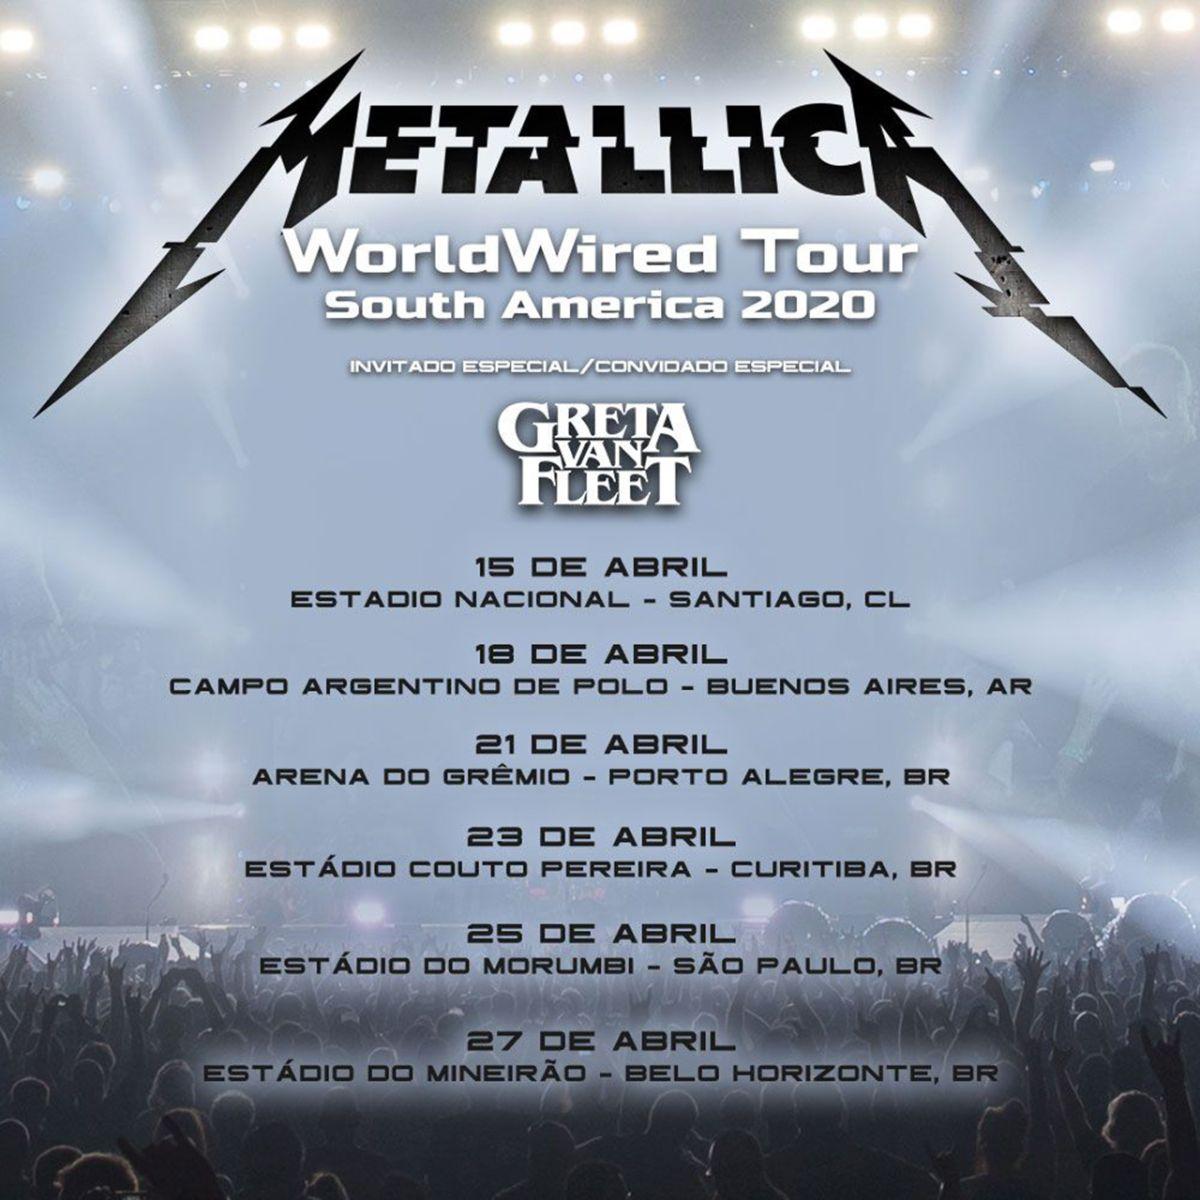 Greta Van Fleet Tour Dates 2020.Metallica To Tour In 2020 With Greta Van Fleet Louder